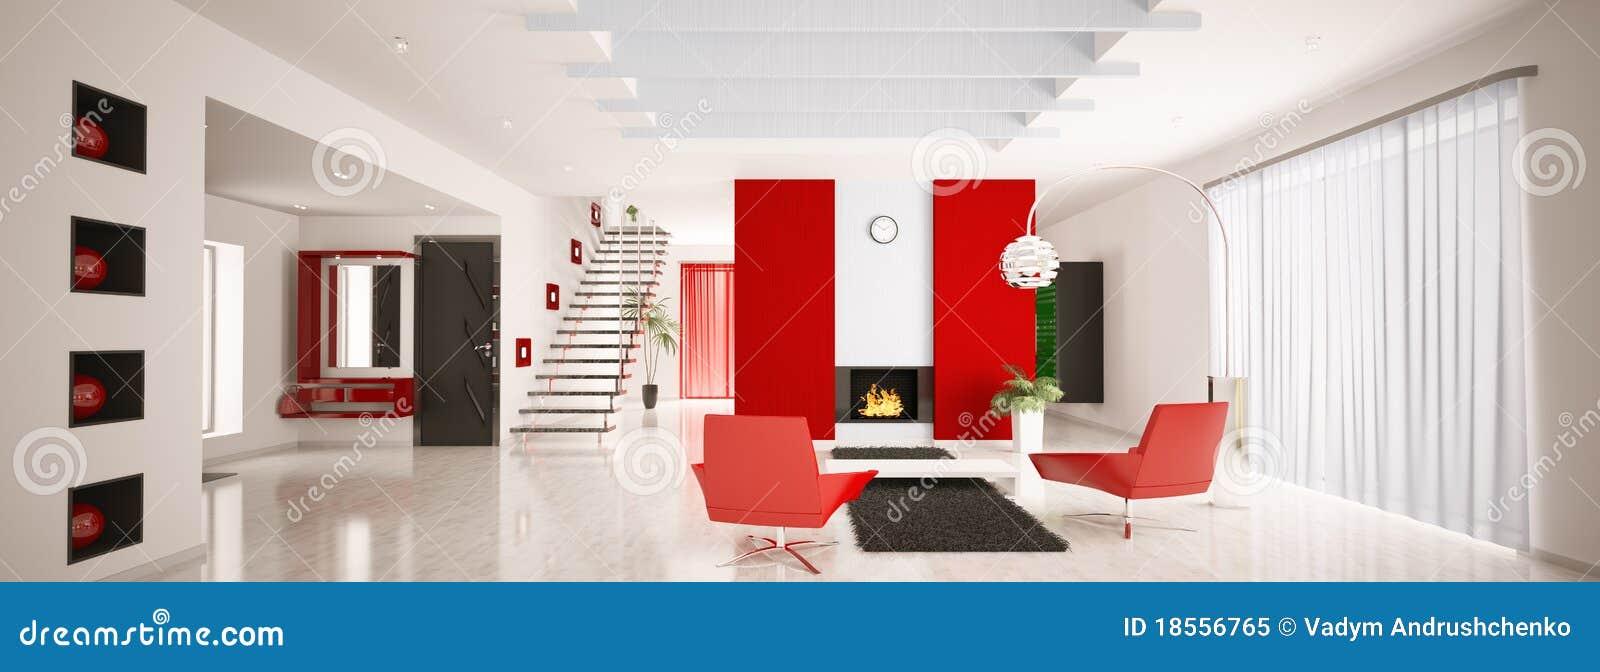 Il panorama interno 3d dell 39 appartamento moderno rende for Foto appartamenti moderni